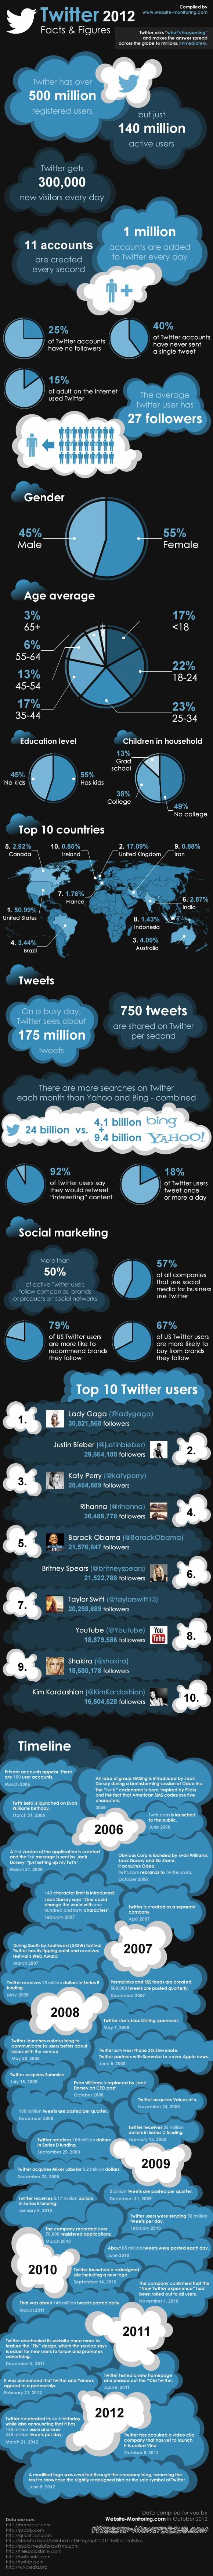 Datos y cifras de twitter en el 2012 [infografia]